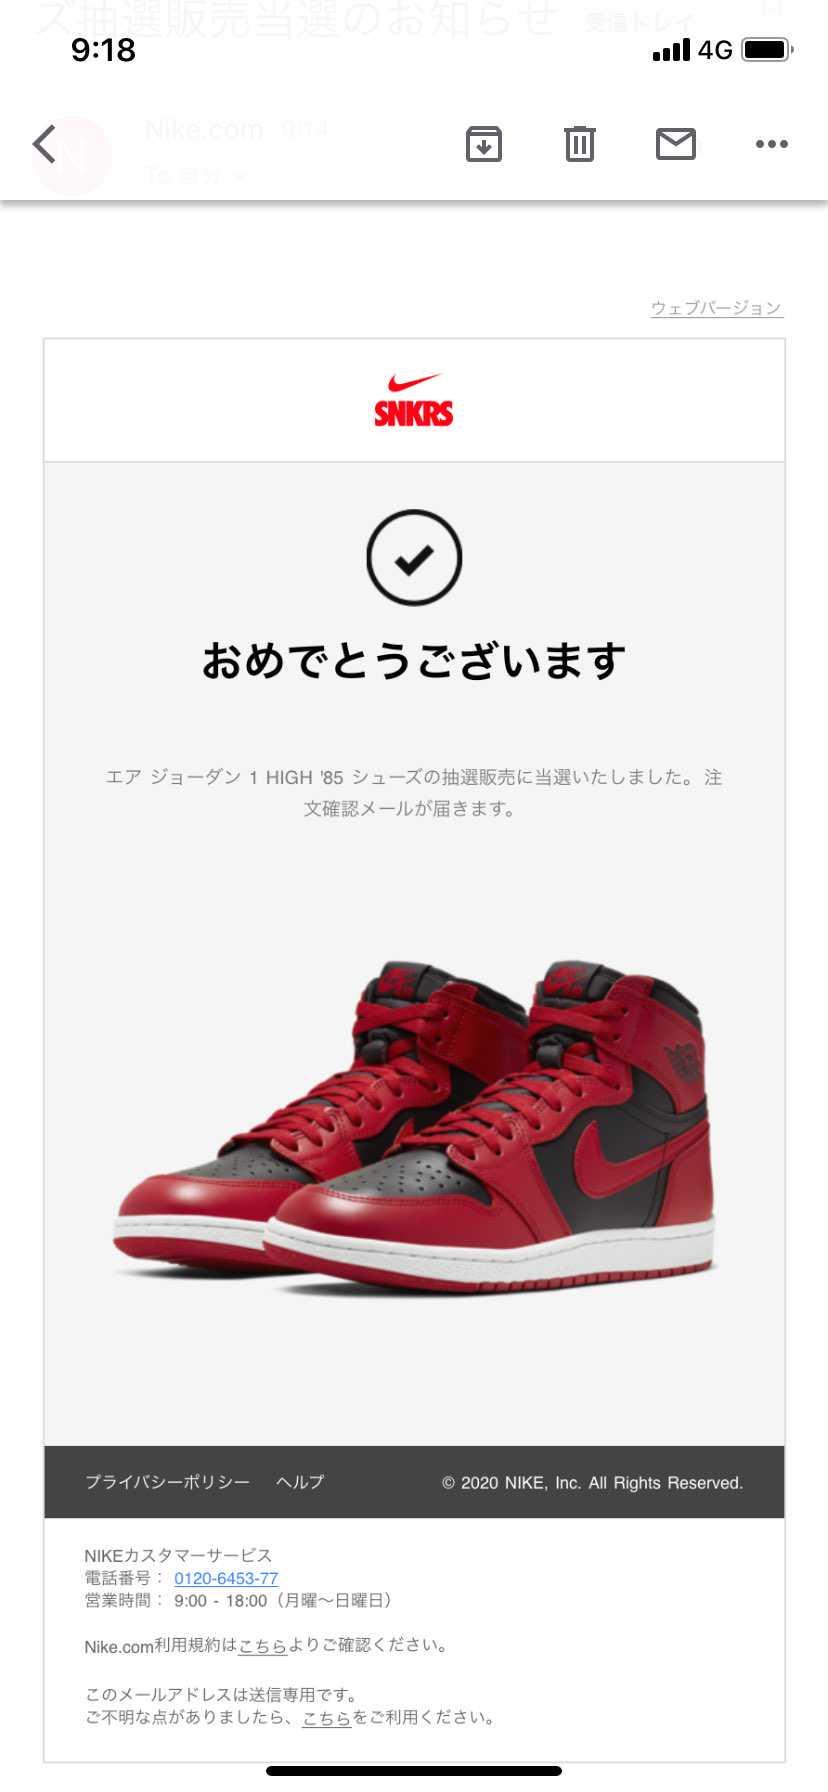 Nikeさん、ありがとう😄👟❣️